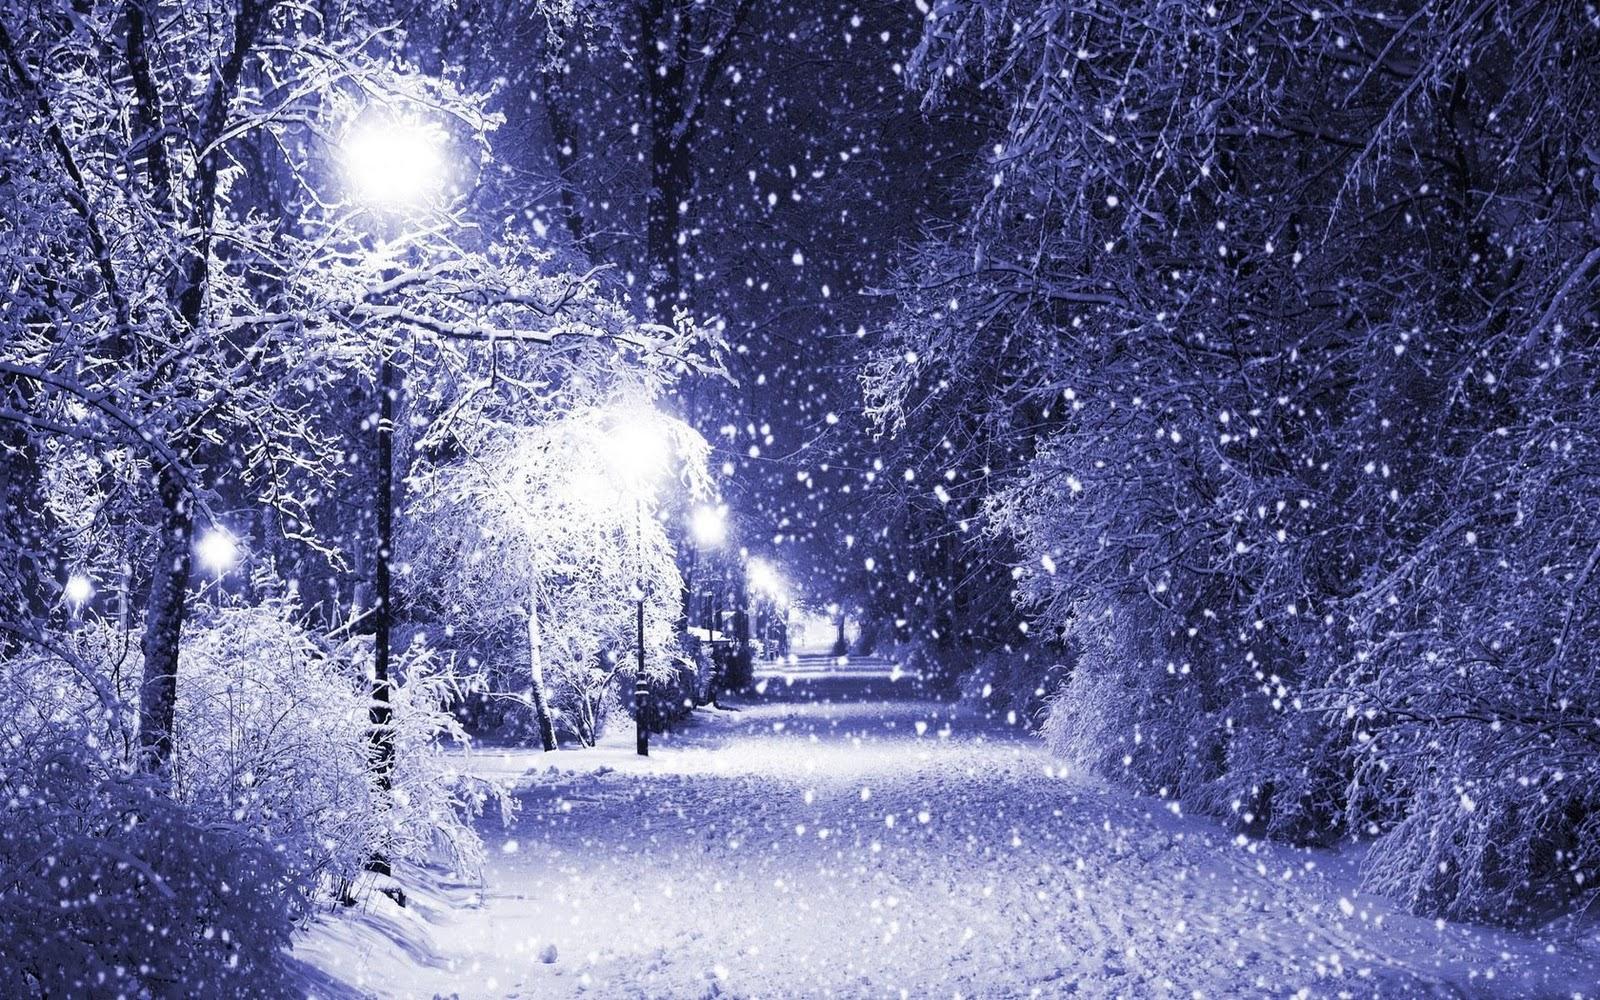 Winters Night Hd Desktop Wallpaper 1600x1000